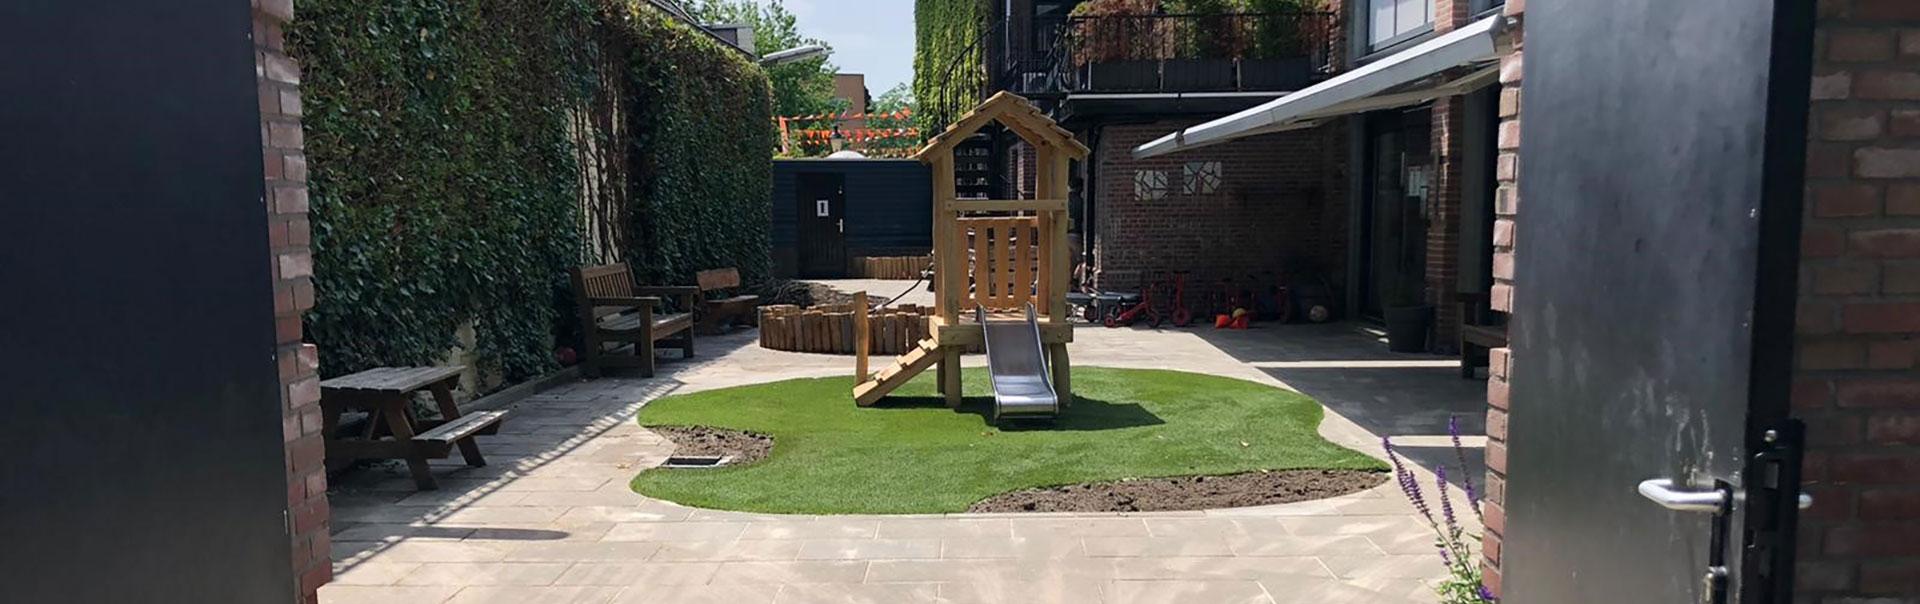 Kinderdagverblijf tuinen aanleggen